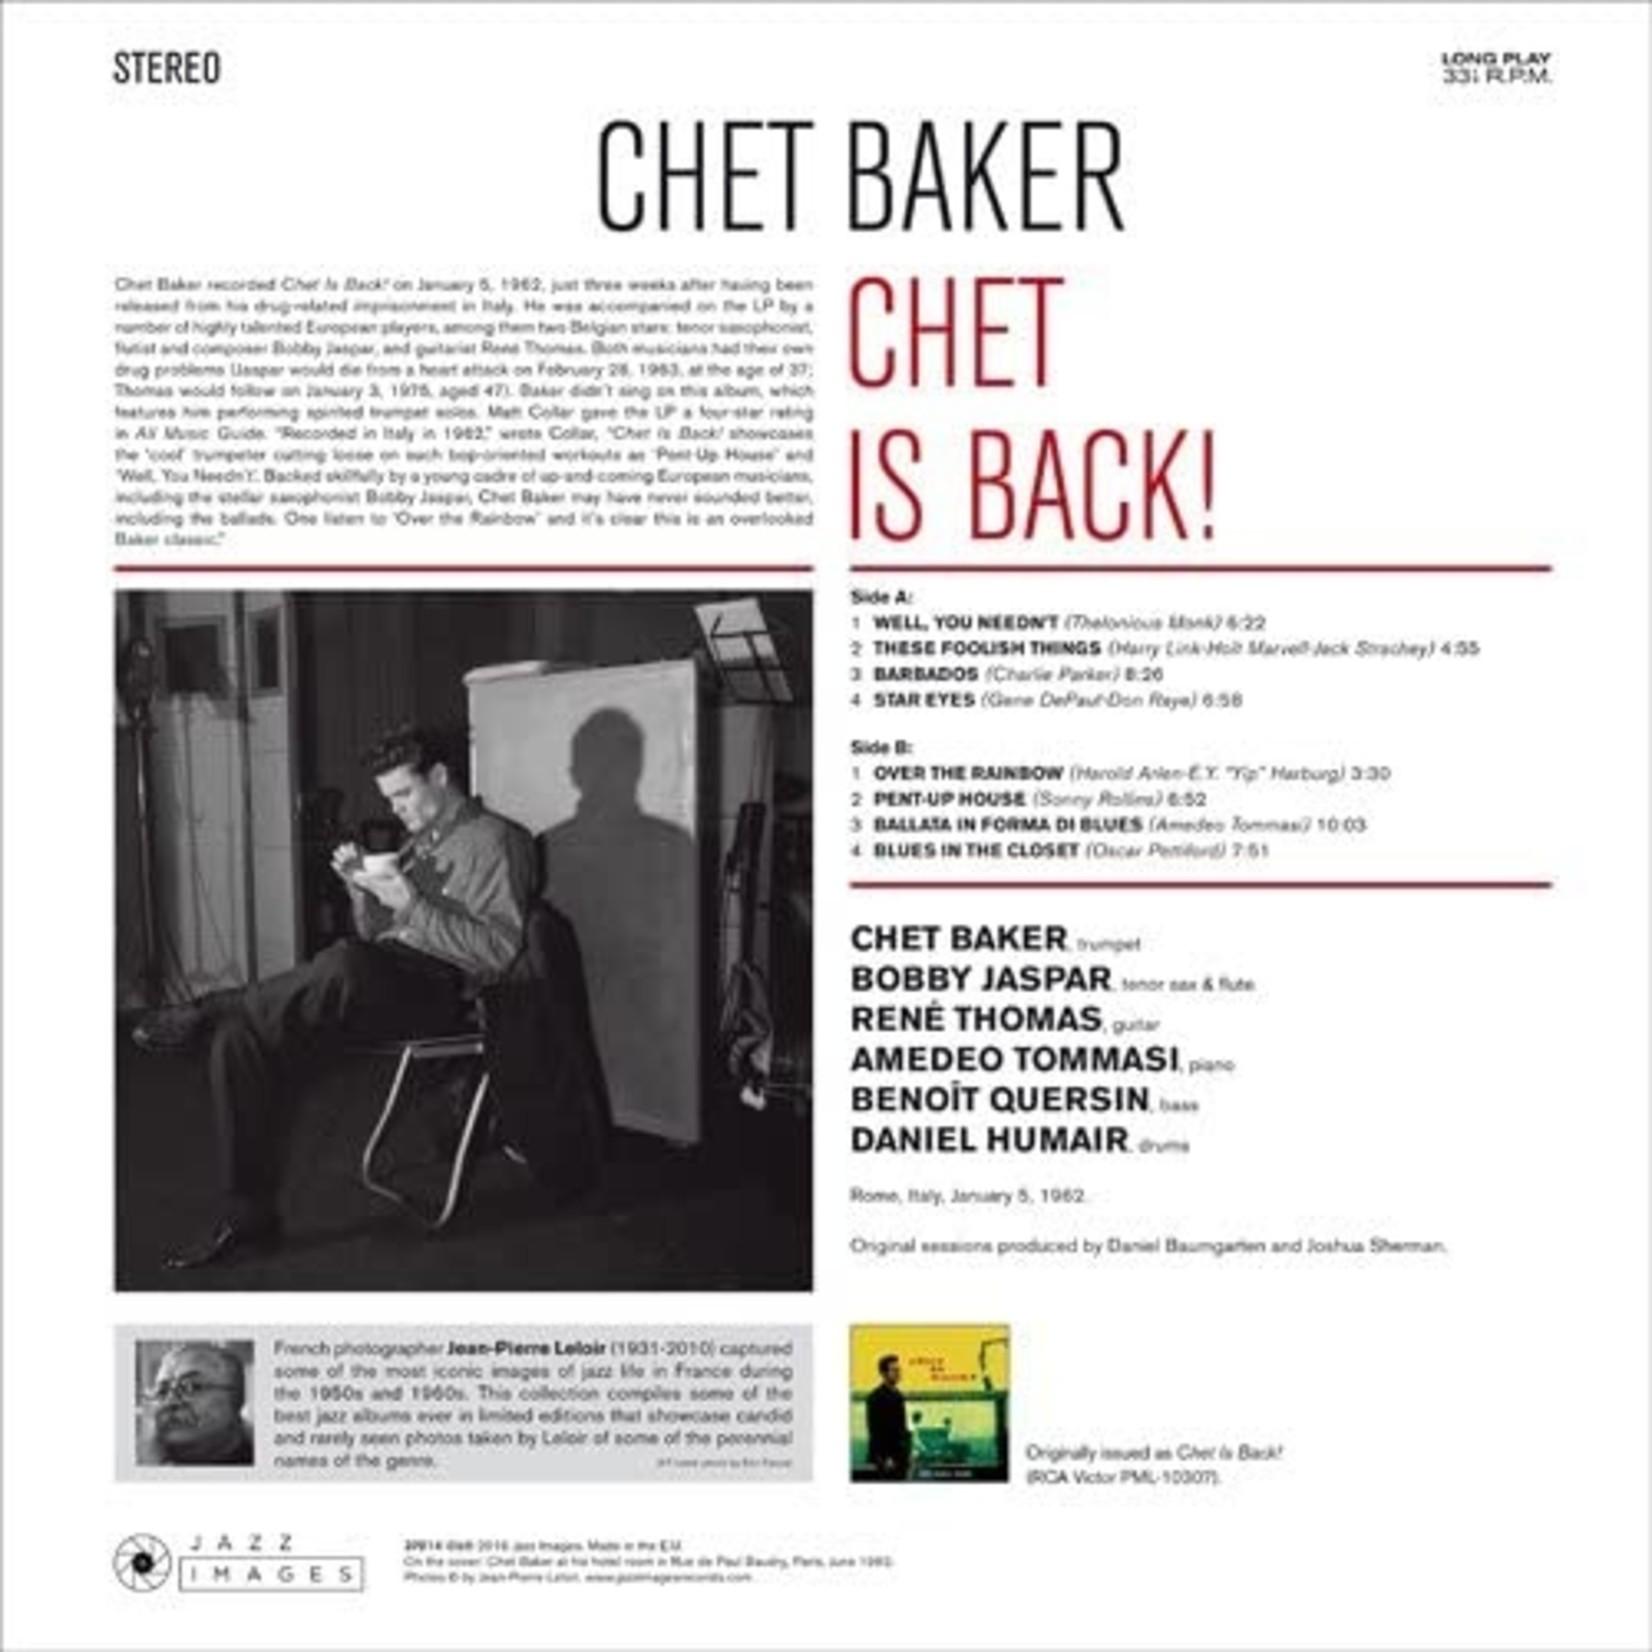 CHET BAKER CHET IS BACK!